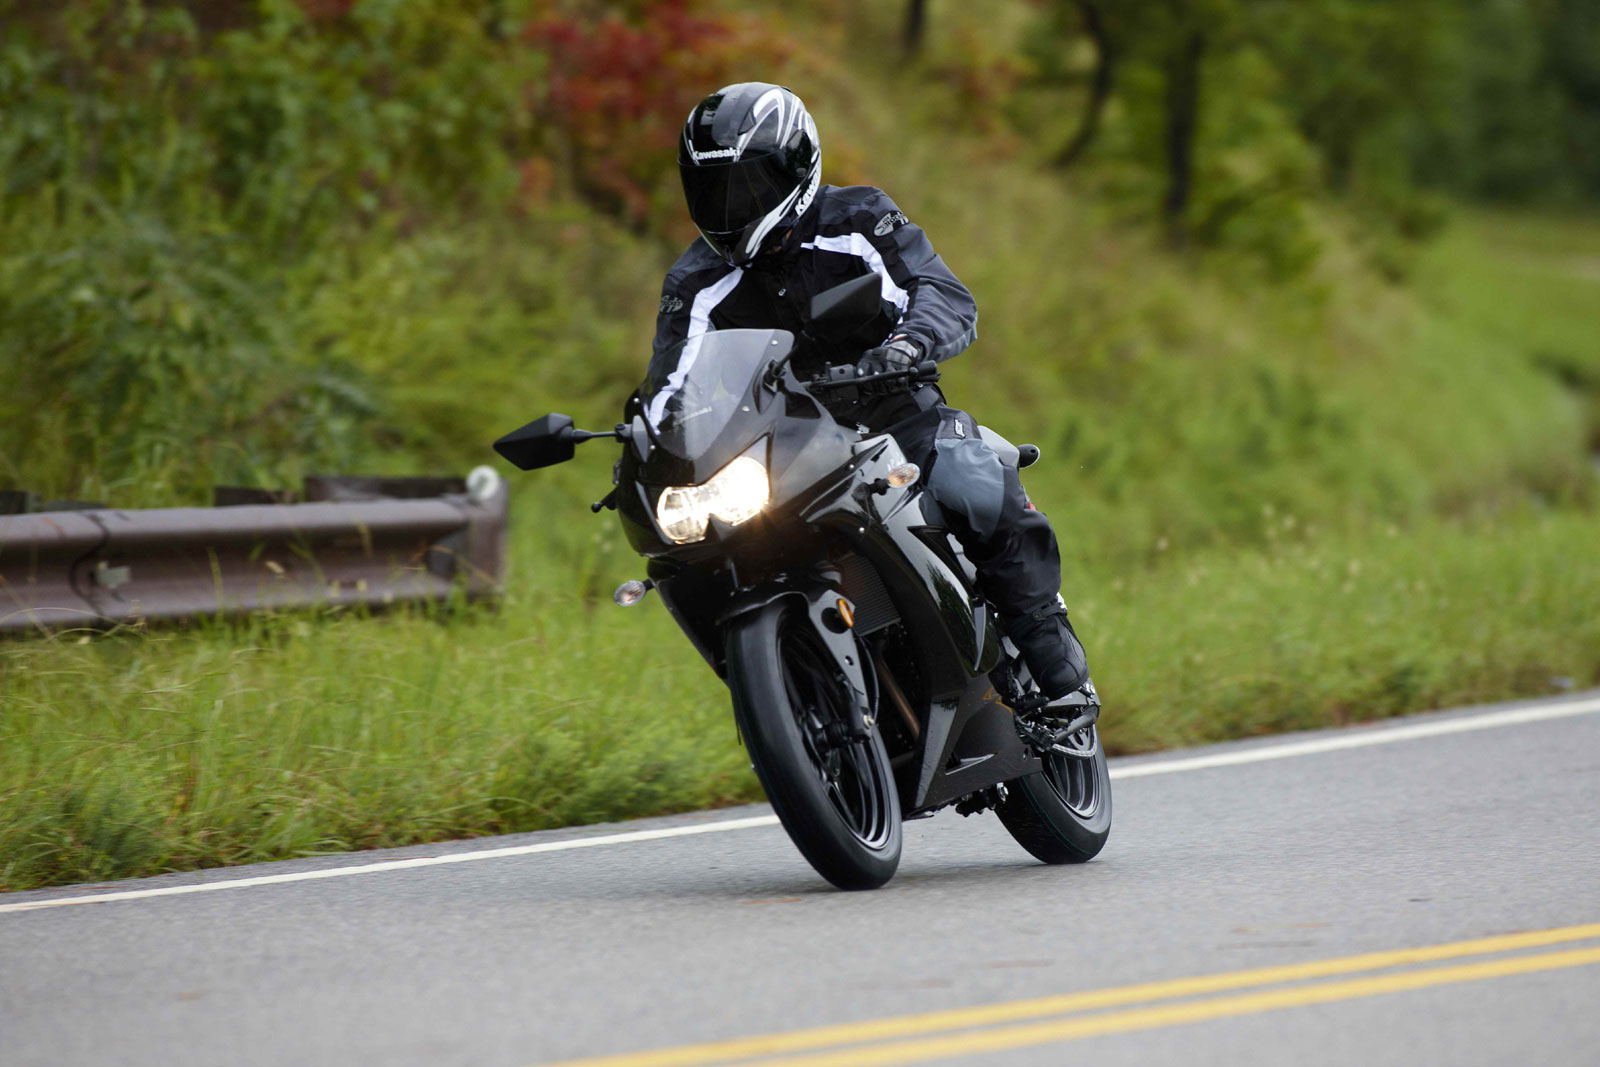 2009-kawasaki-ninja-250r-motorcycle | TEAM Arizona Motorcycle ...